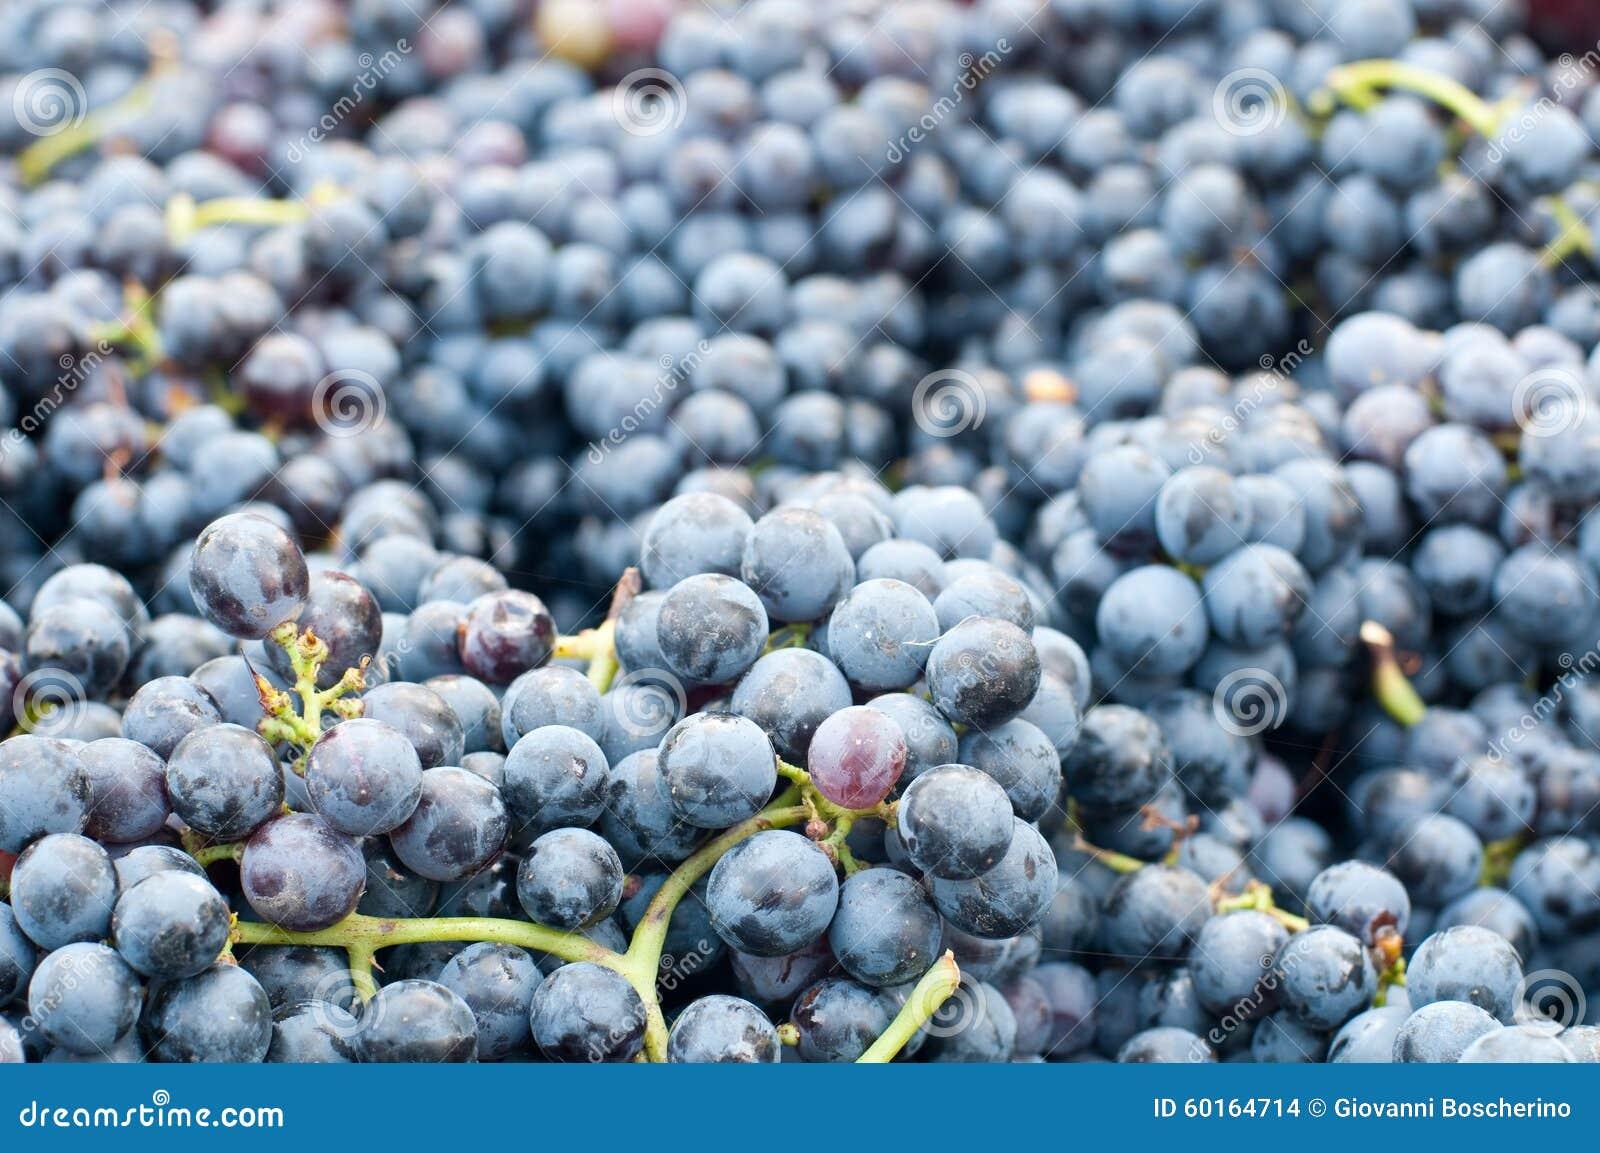 葡萄Lambrusco,一个典型的意大利葡萄